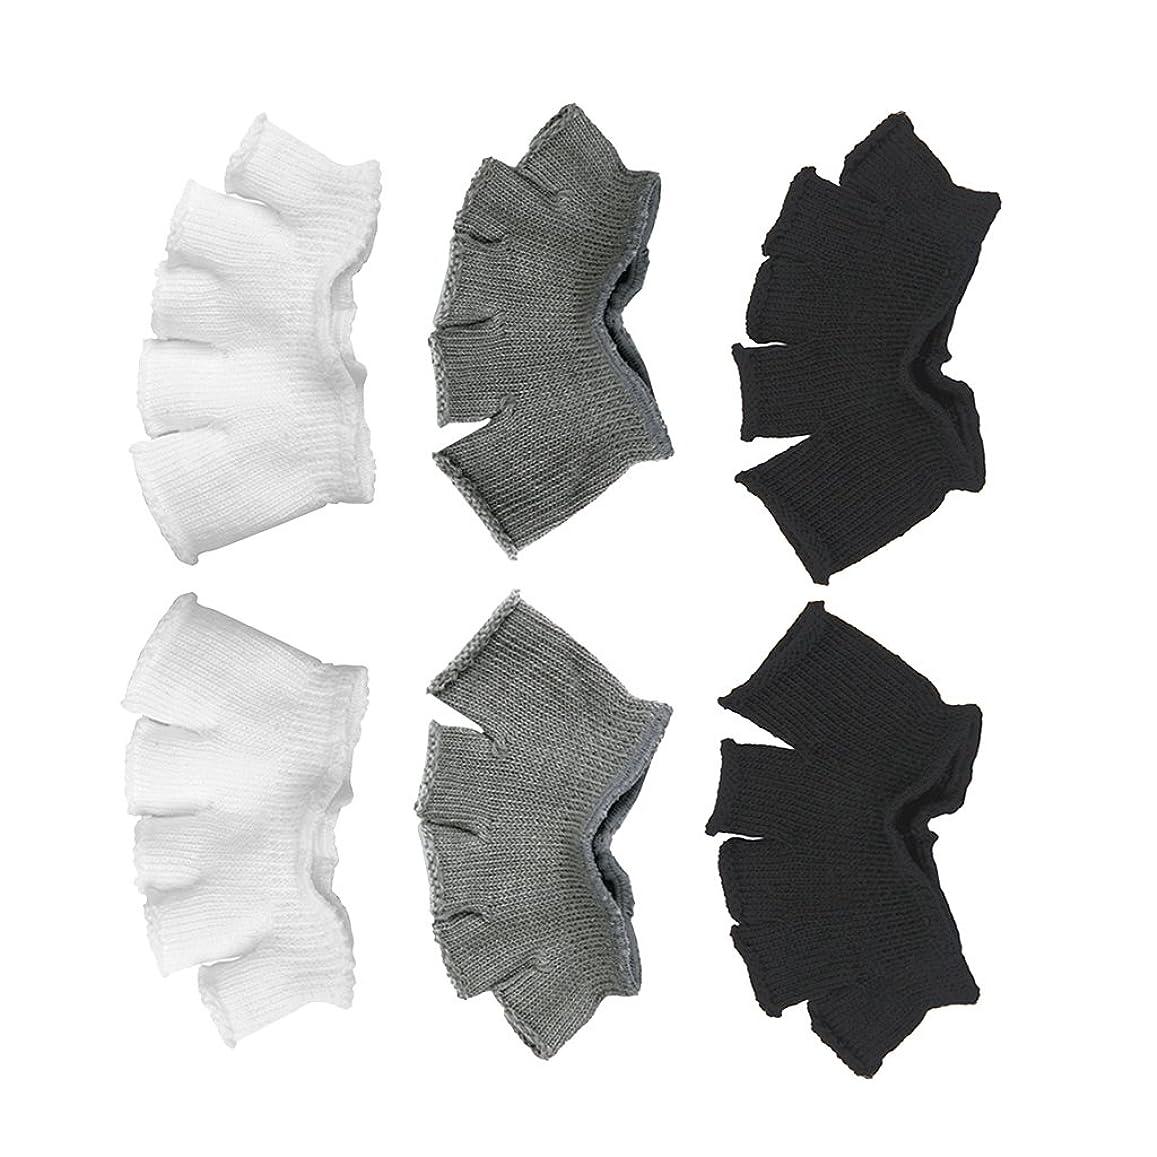 群れ犠牲もしFootful 5本指カバー 爽快指の間カバー 3色(12枚入) 6ペア 男女兼用 足の臭い対策 抗菌 防臭 フットカバー ブラック/ホワイト/グレー